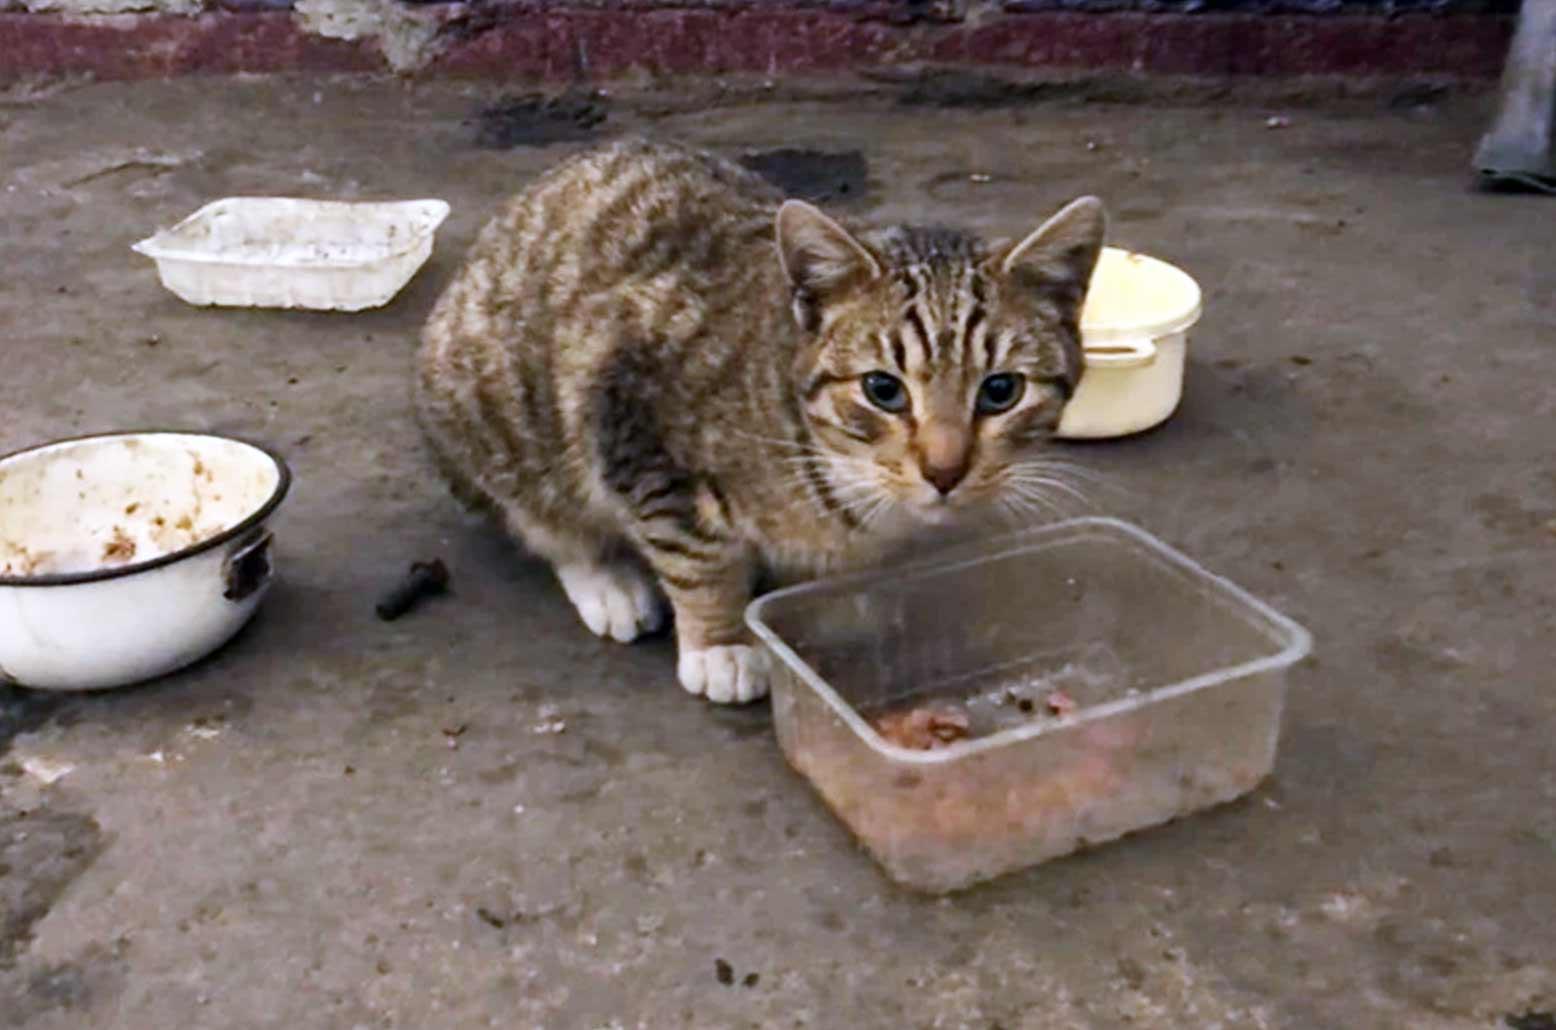 «Могут погибнуть под завалами»: сотрудники обанкротившегося завода в Петербурге пытаются пристроить десятки котов фото